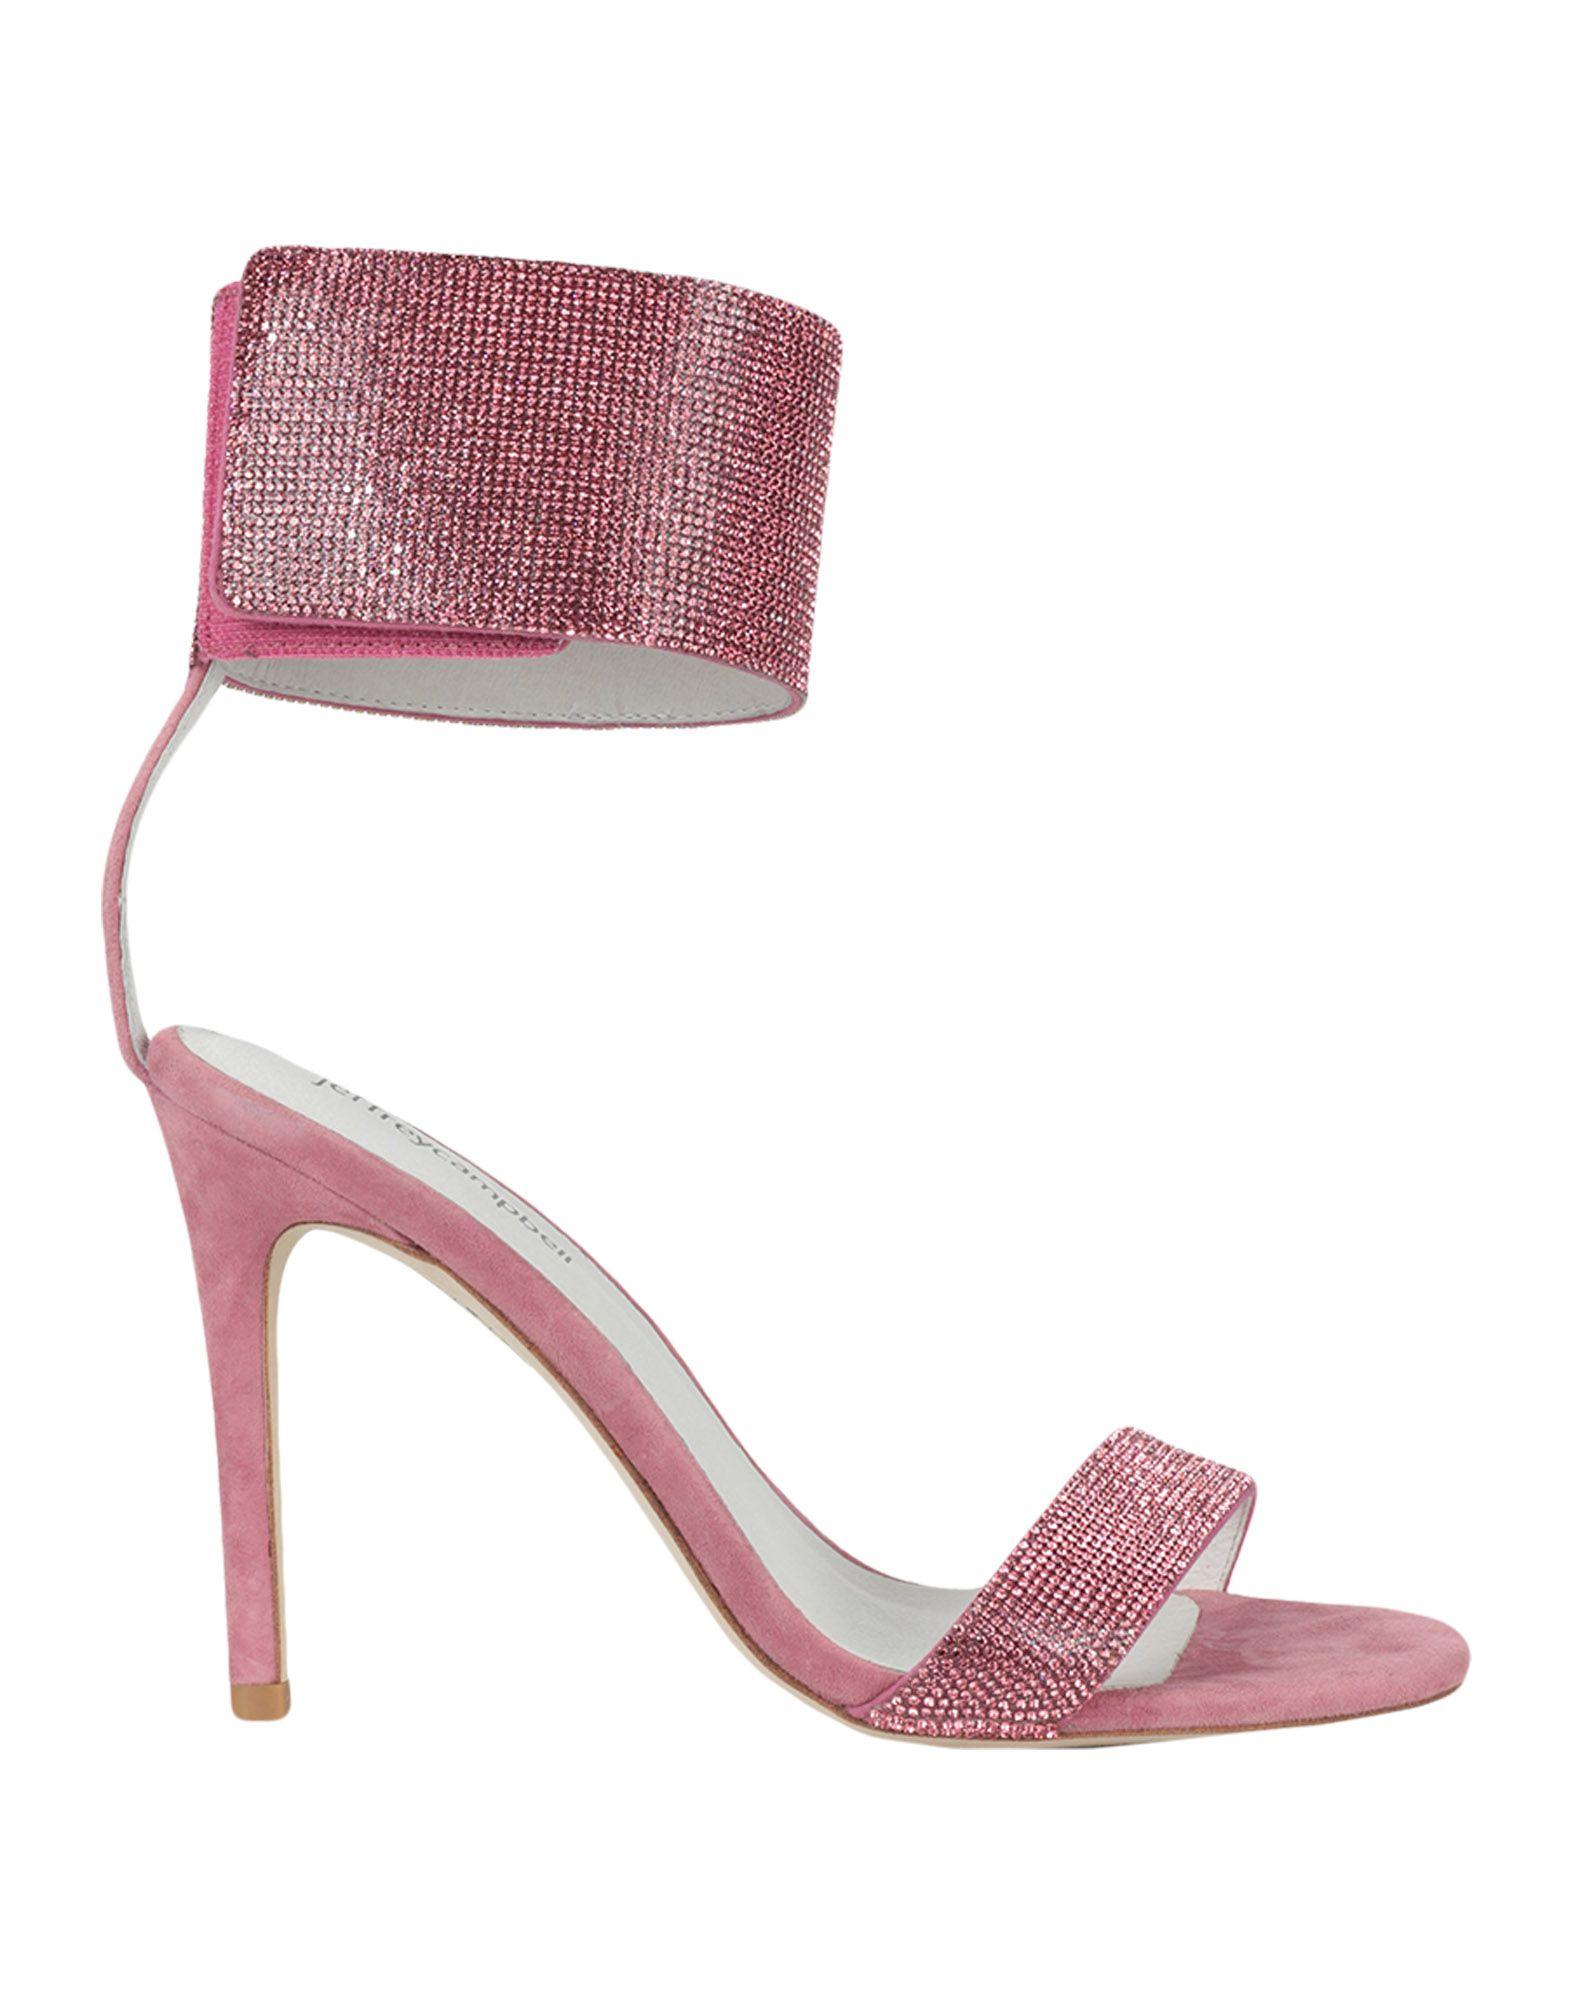 Gut um billige Schuhe zu  tragenJeffrey Campbell Sandalen Damen  zu 11553054CX 2a8fb8